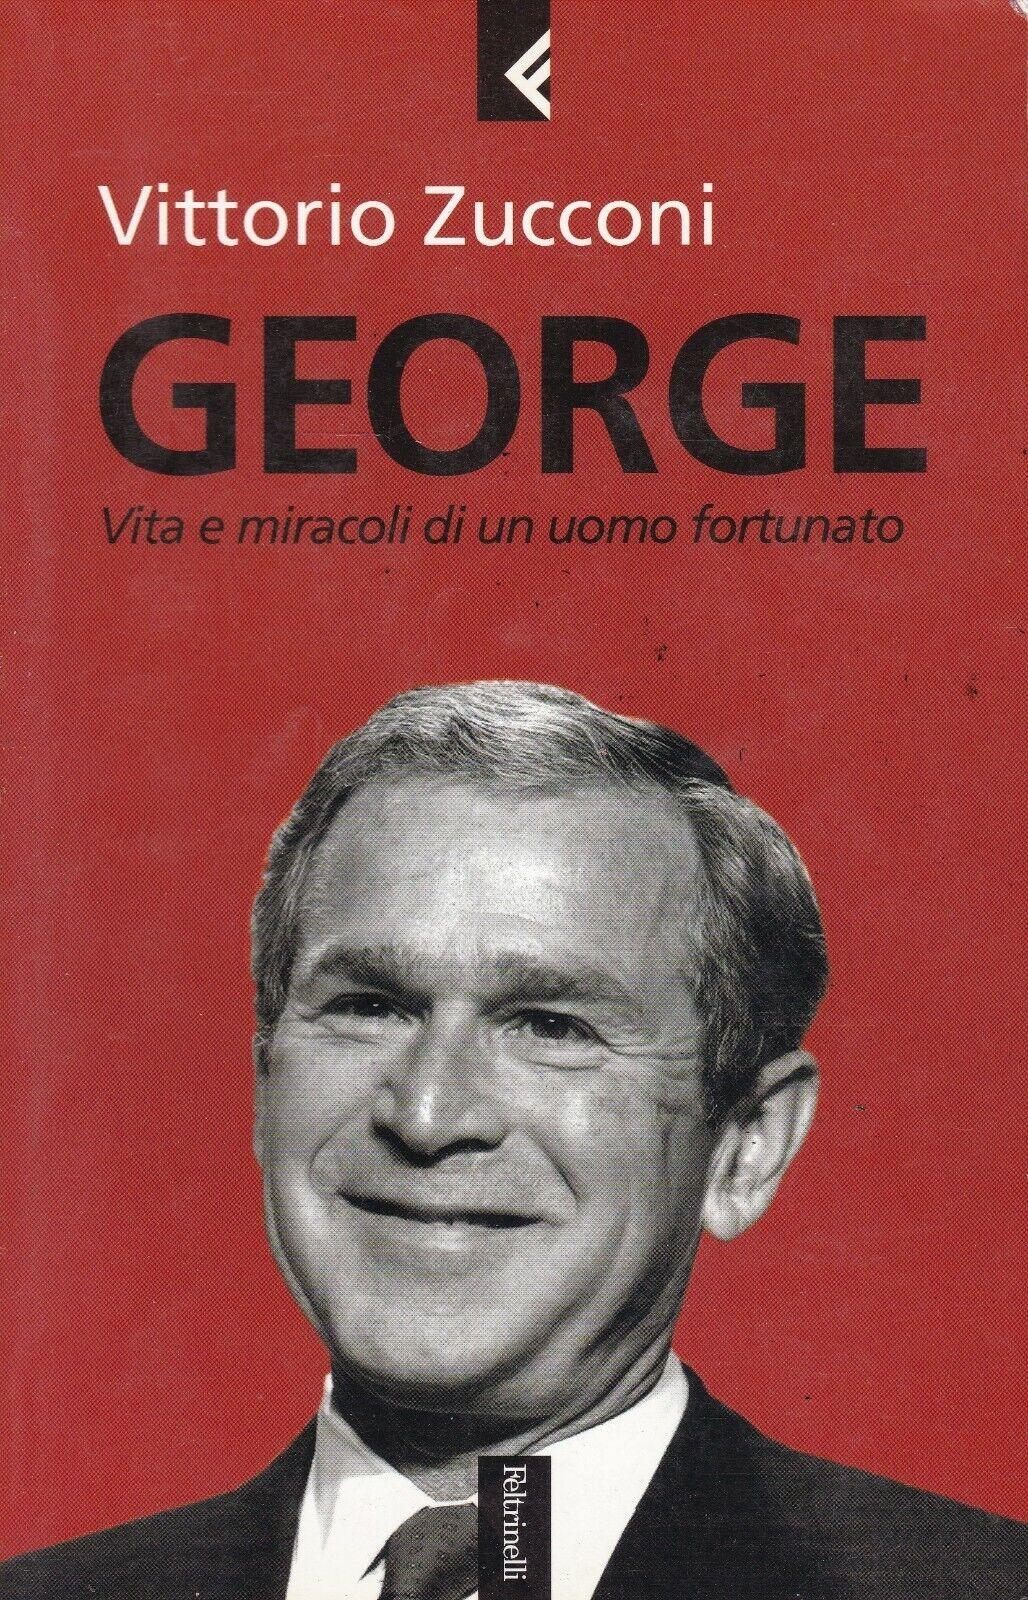 George. Vita e miracoli di un uomo fortunato.